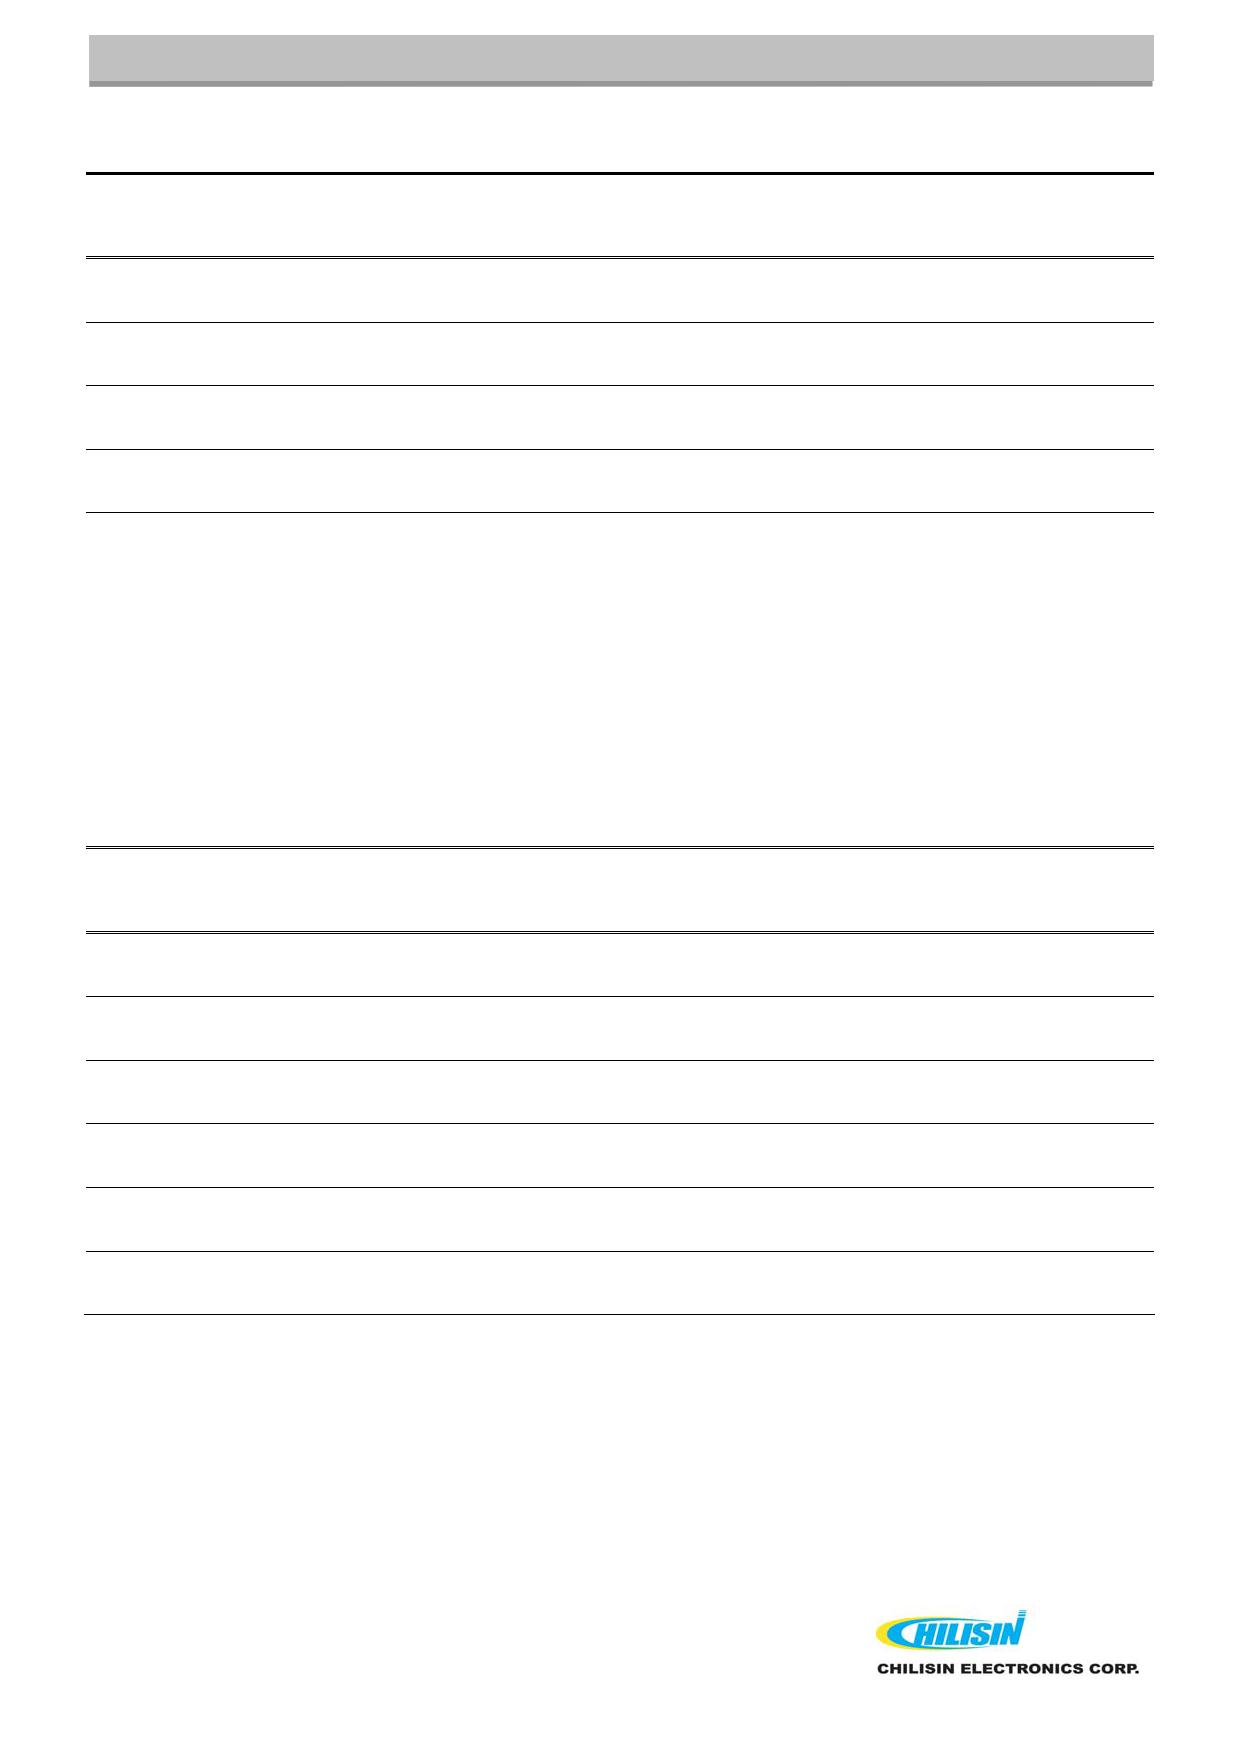 SQC453226T pdf, 반도체, 판매, 대치품